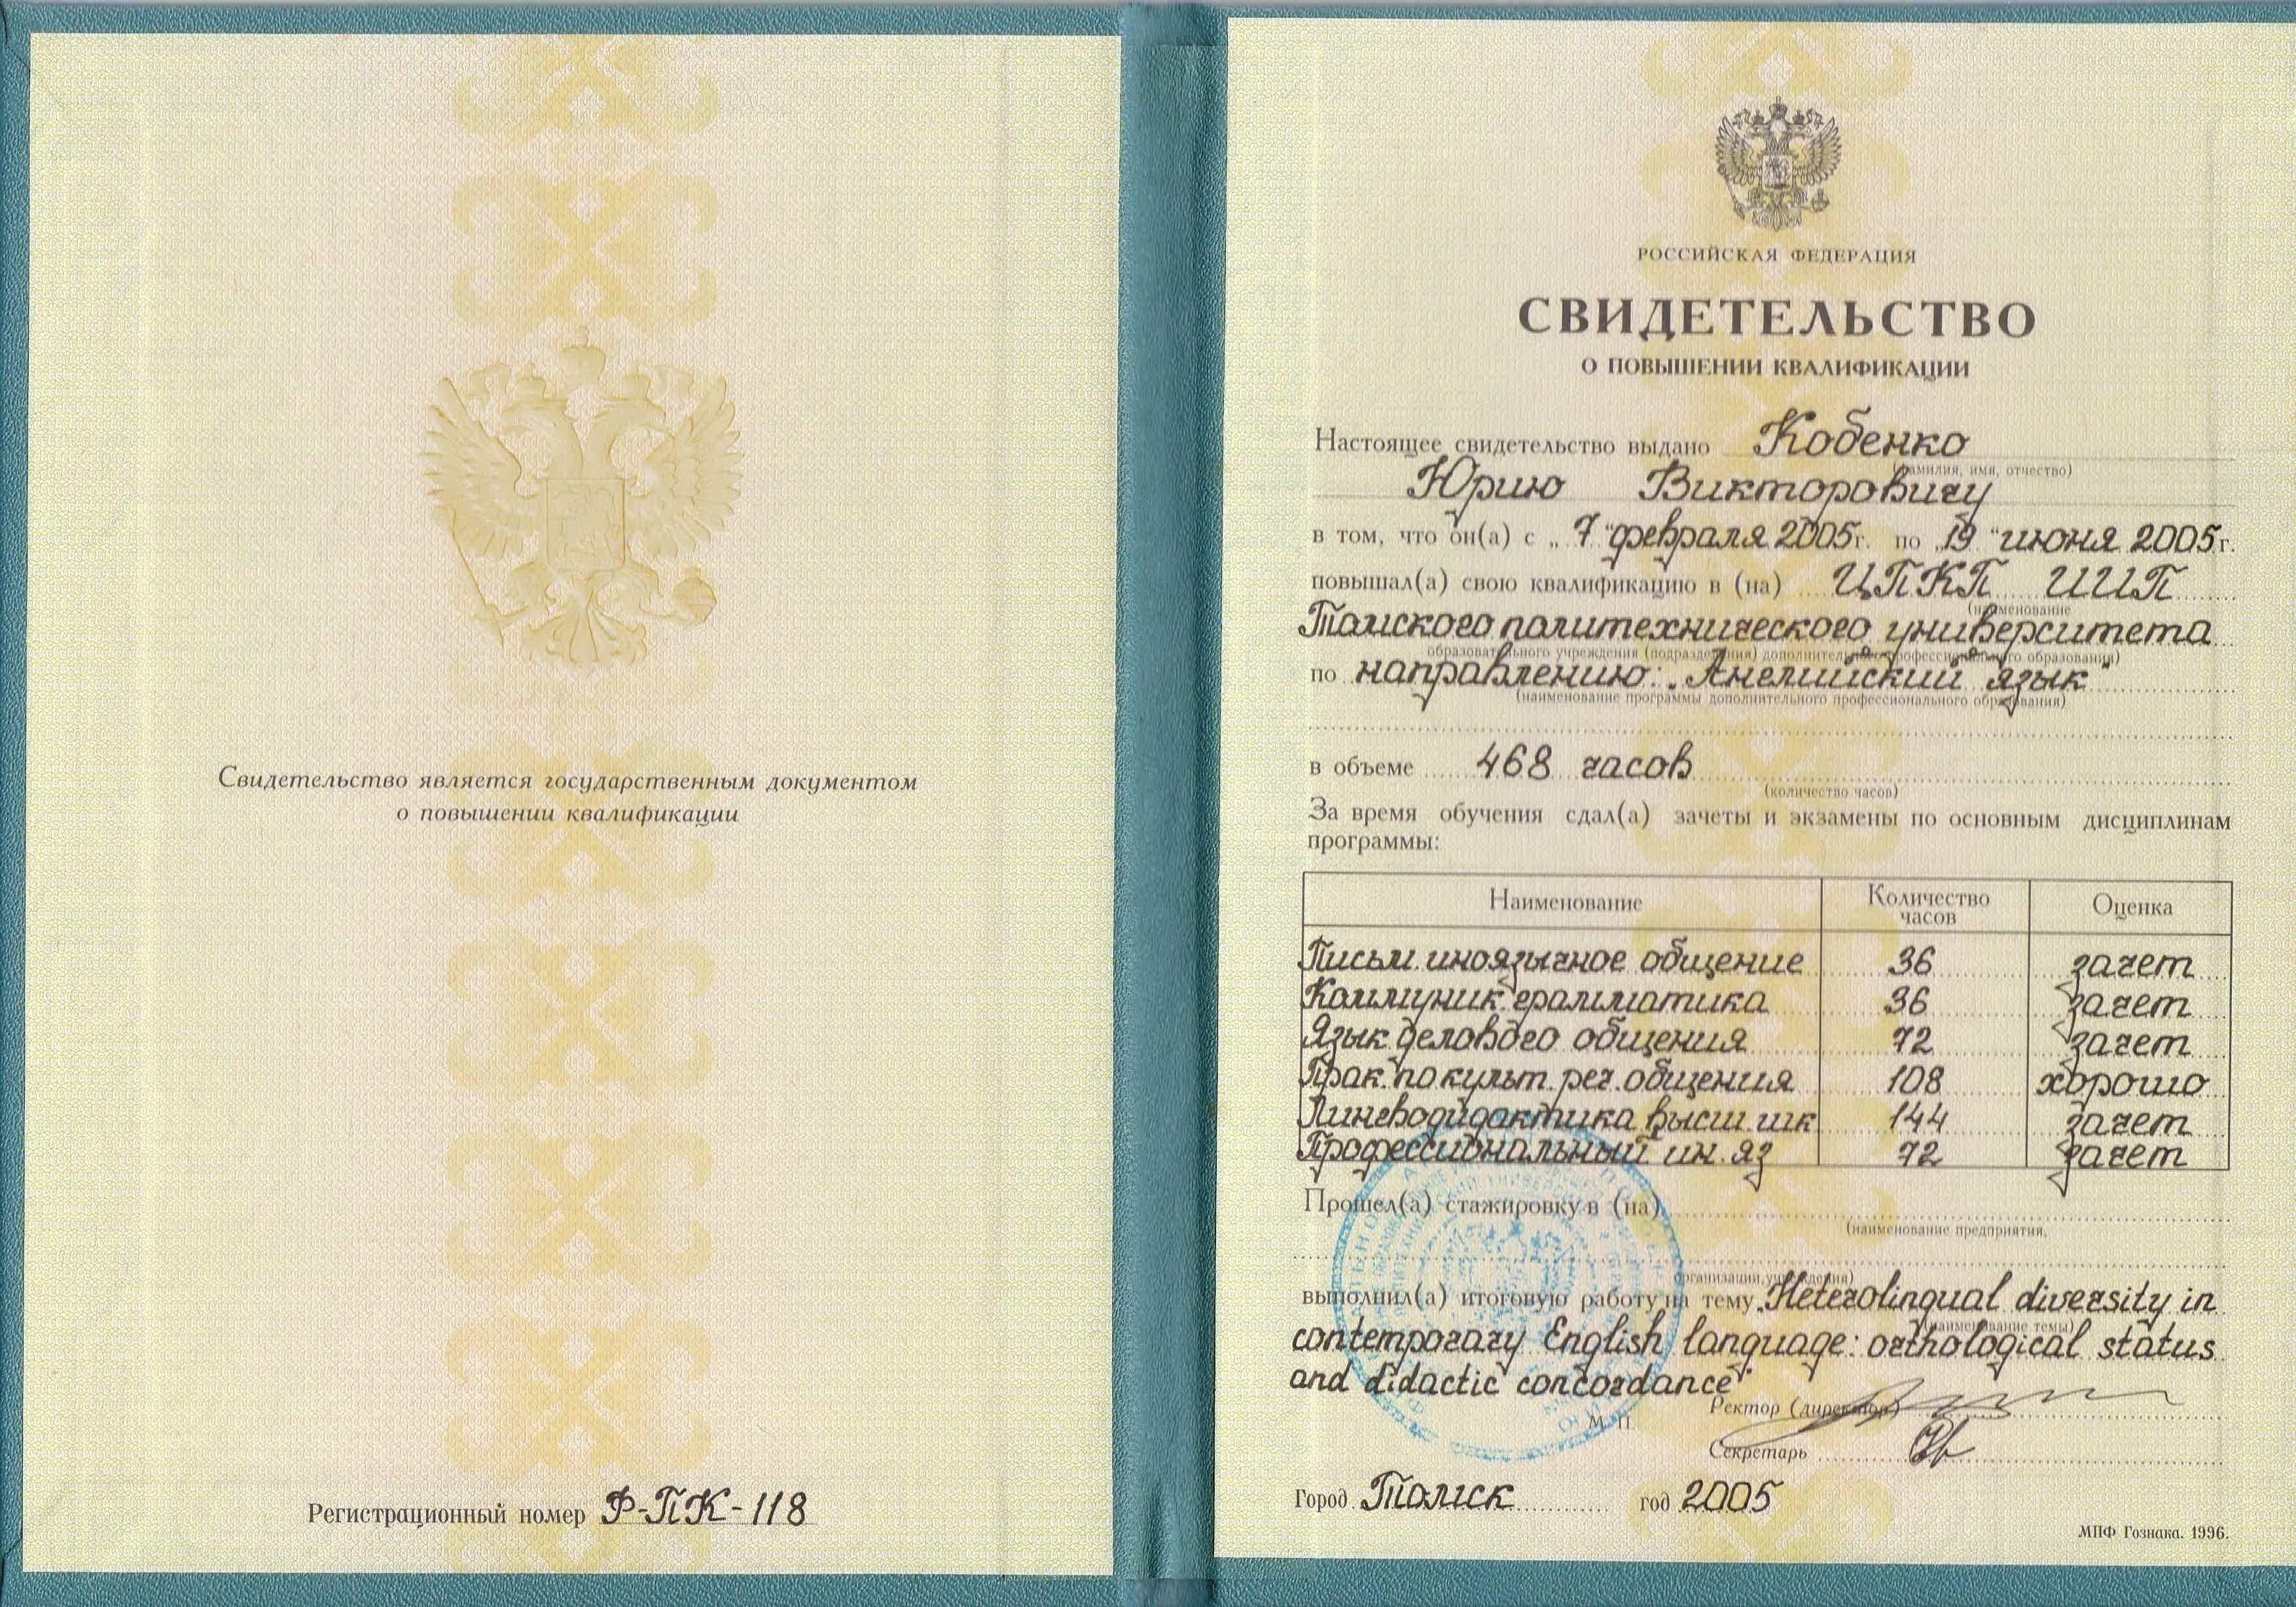 Томский политехнический университет list